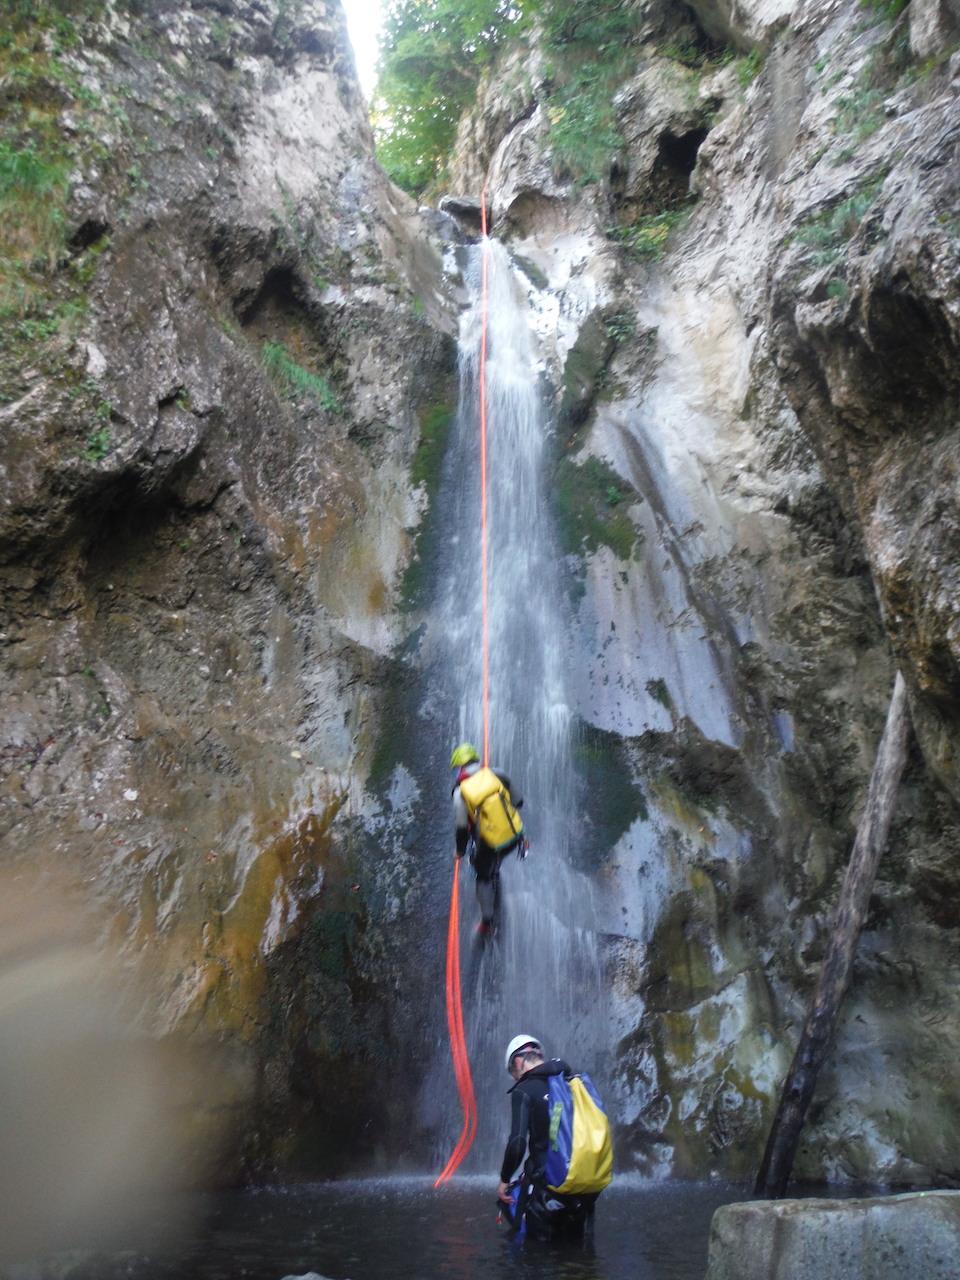 Marcher, sauter, nager dans les rivières en Vallée d'Aspe, Pyrénées Atlantiques. Images : Eric Corno.